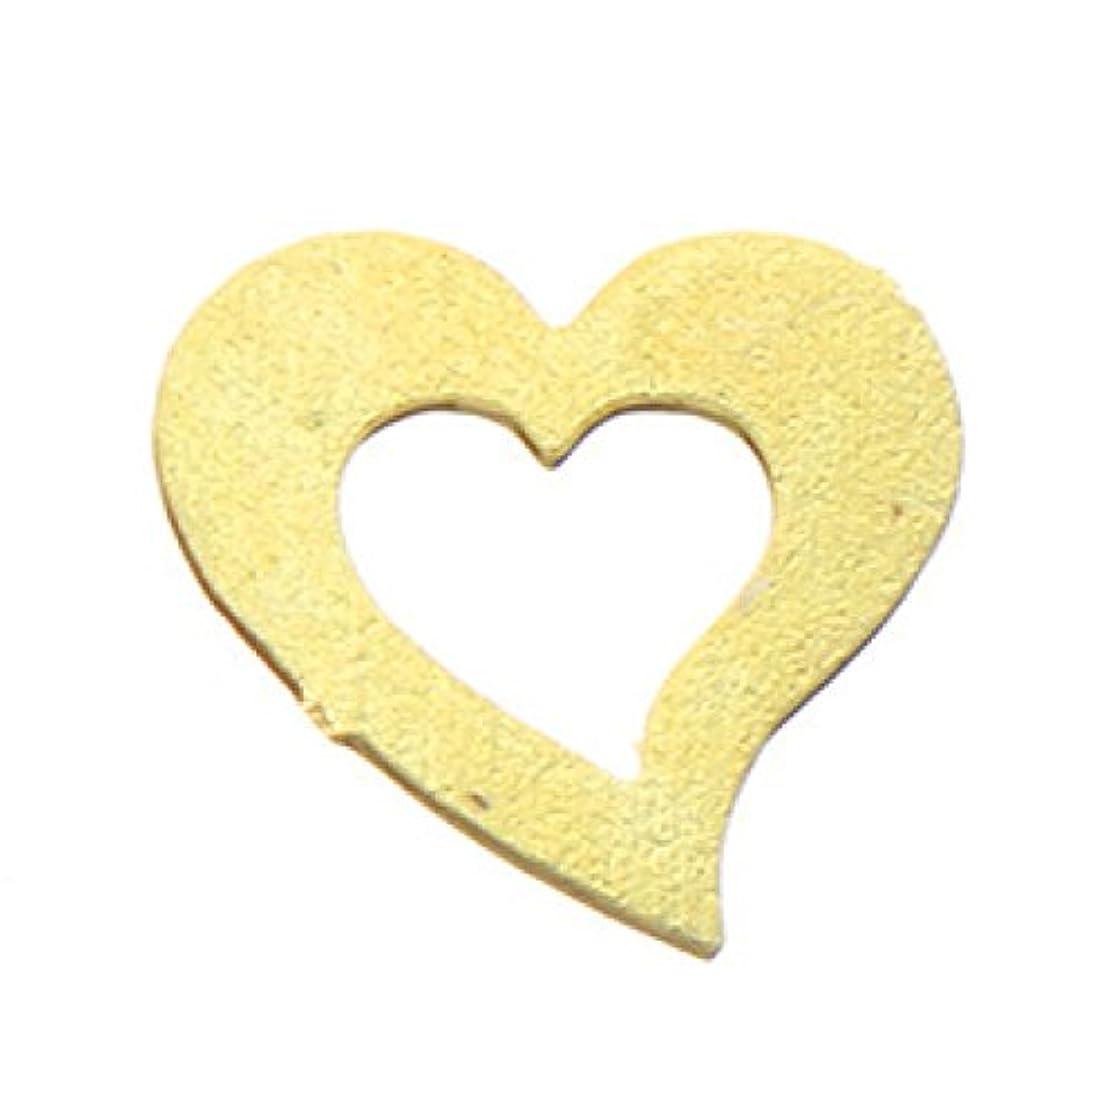 メタルプレート(ネイルストーン デコ)ハート (30個入り) ゴールド(ネイル用品)